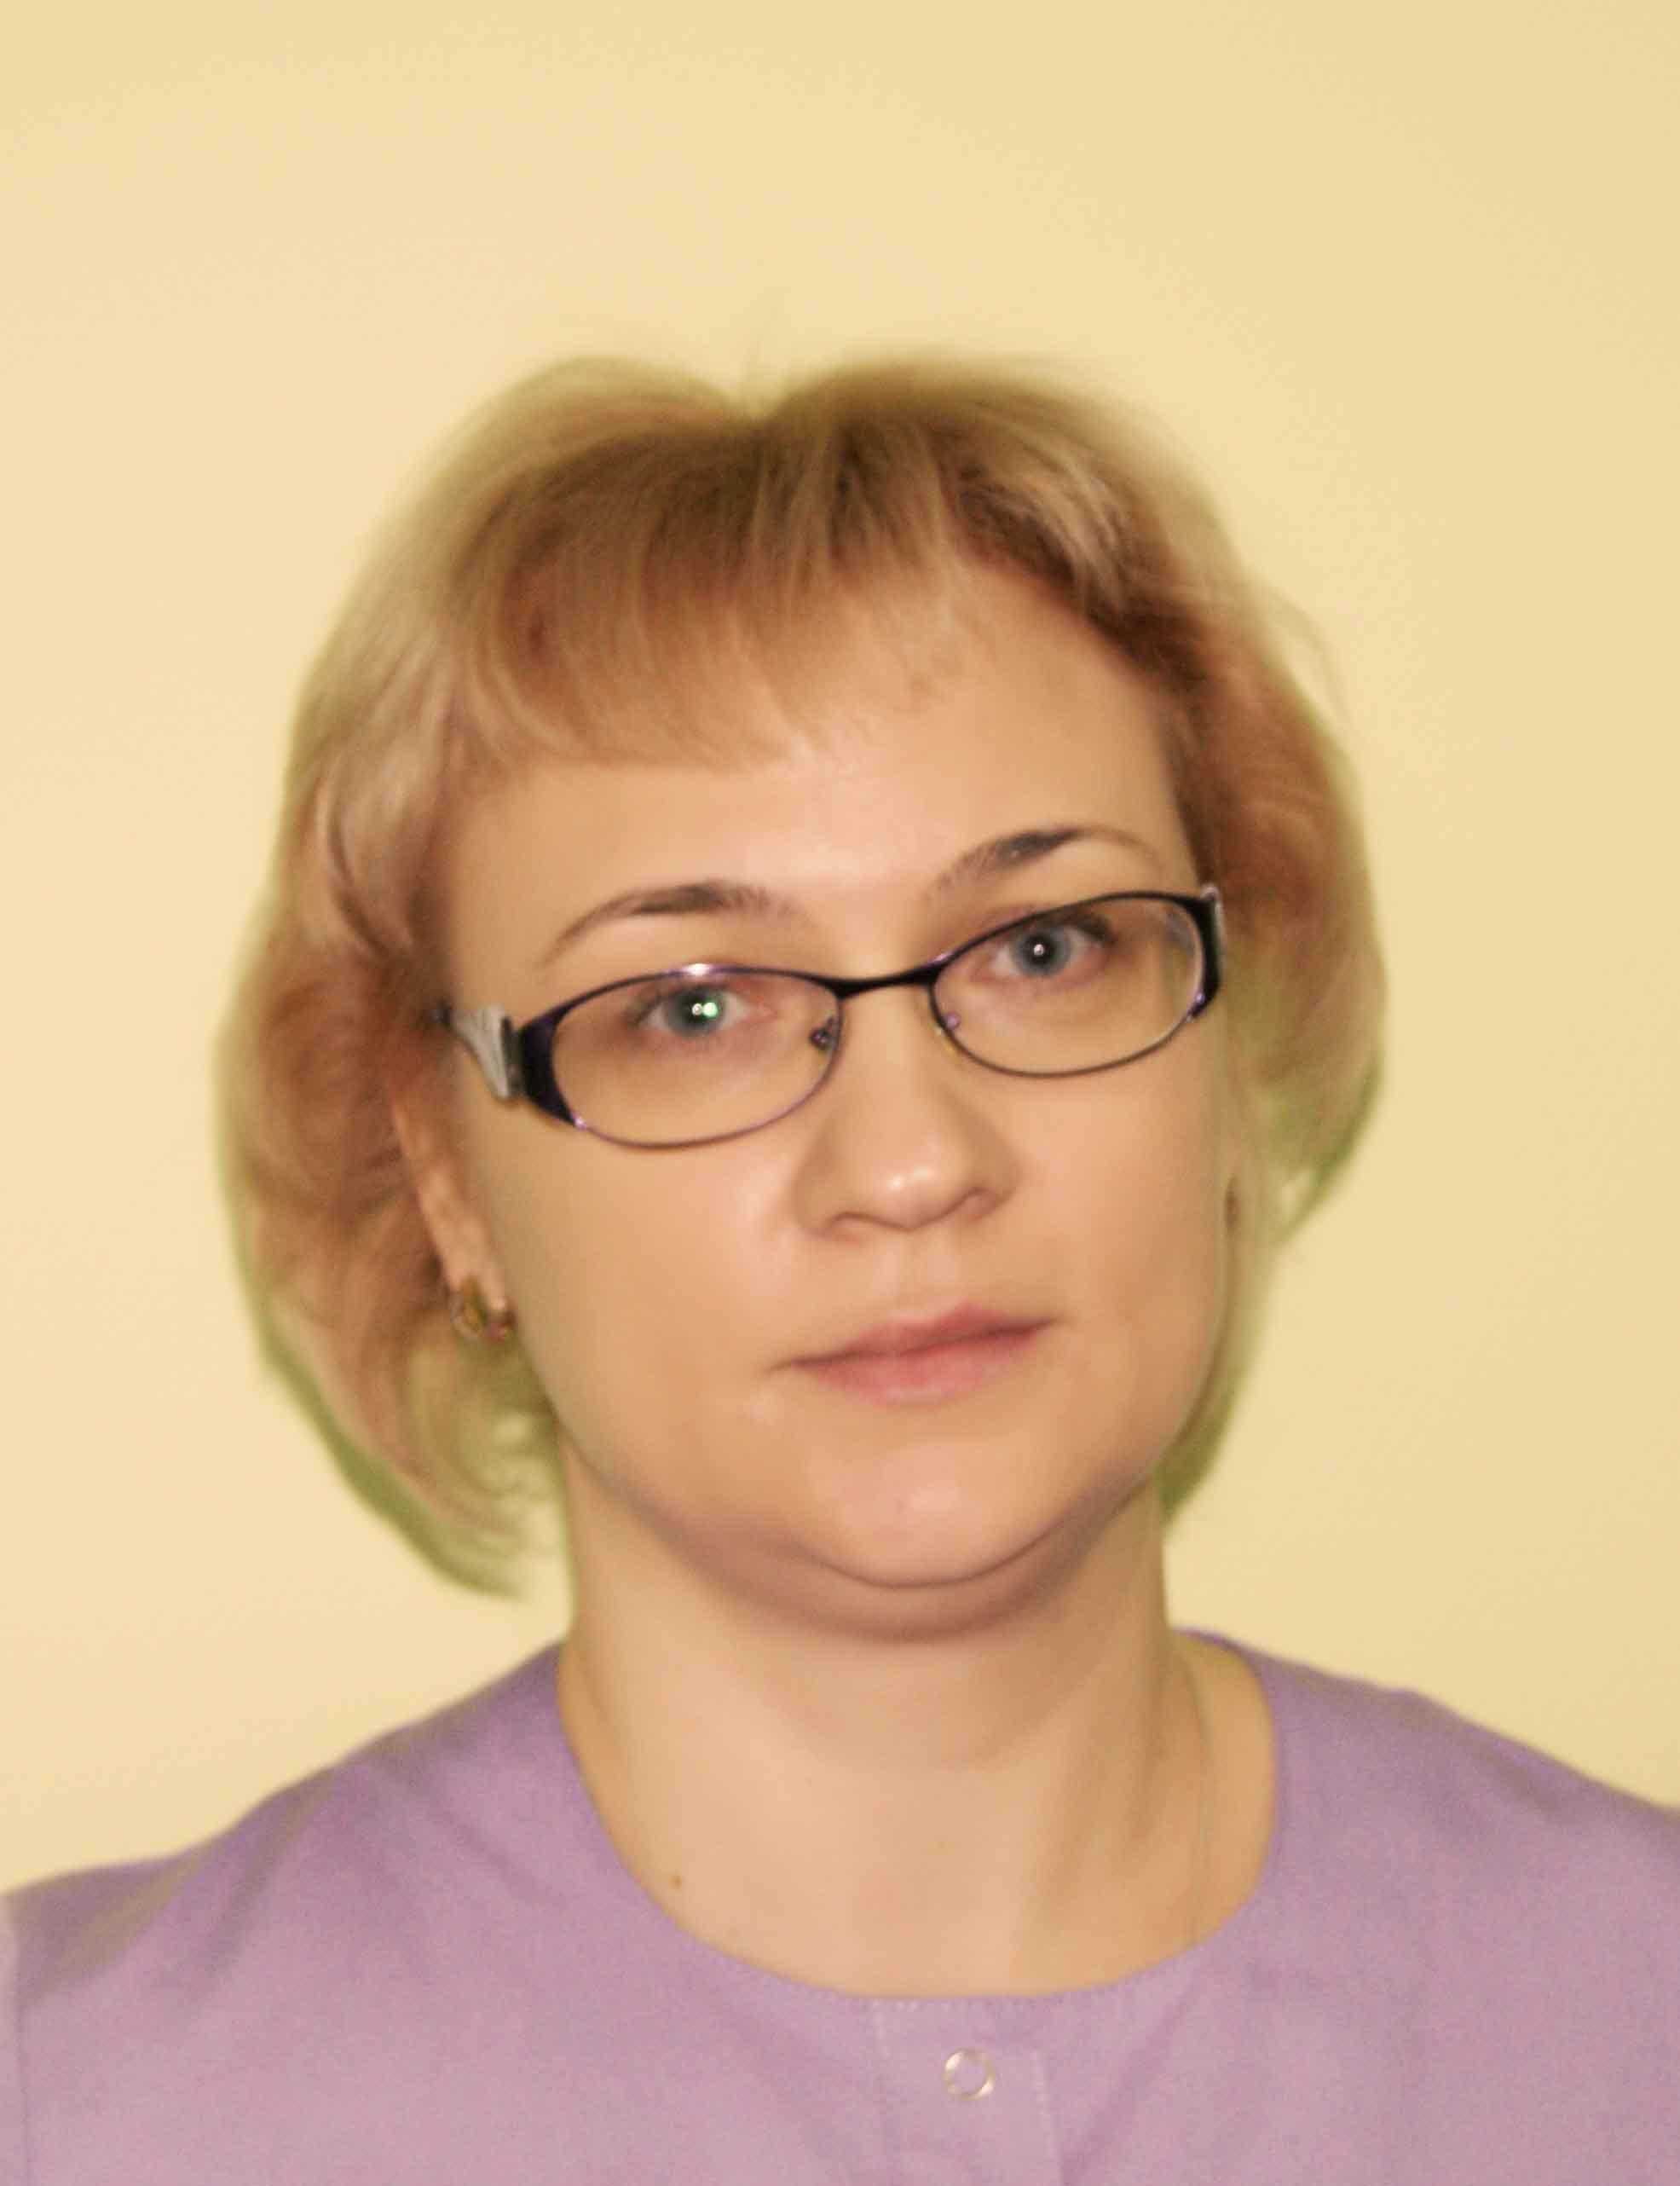 sycheva